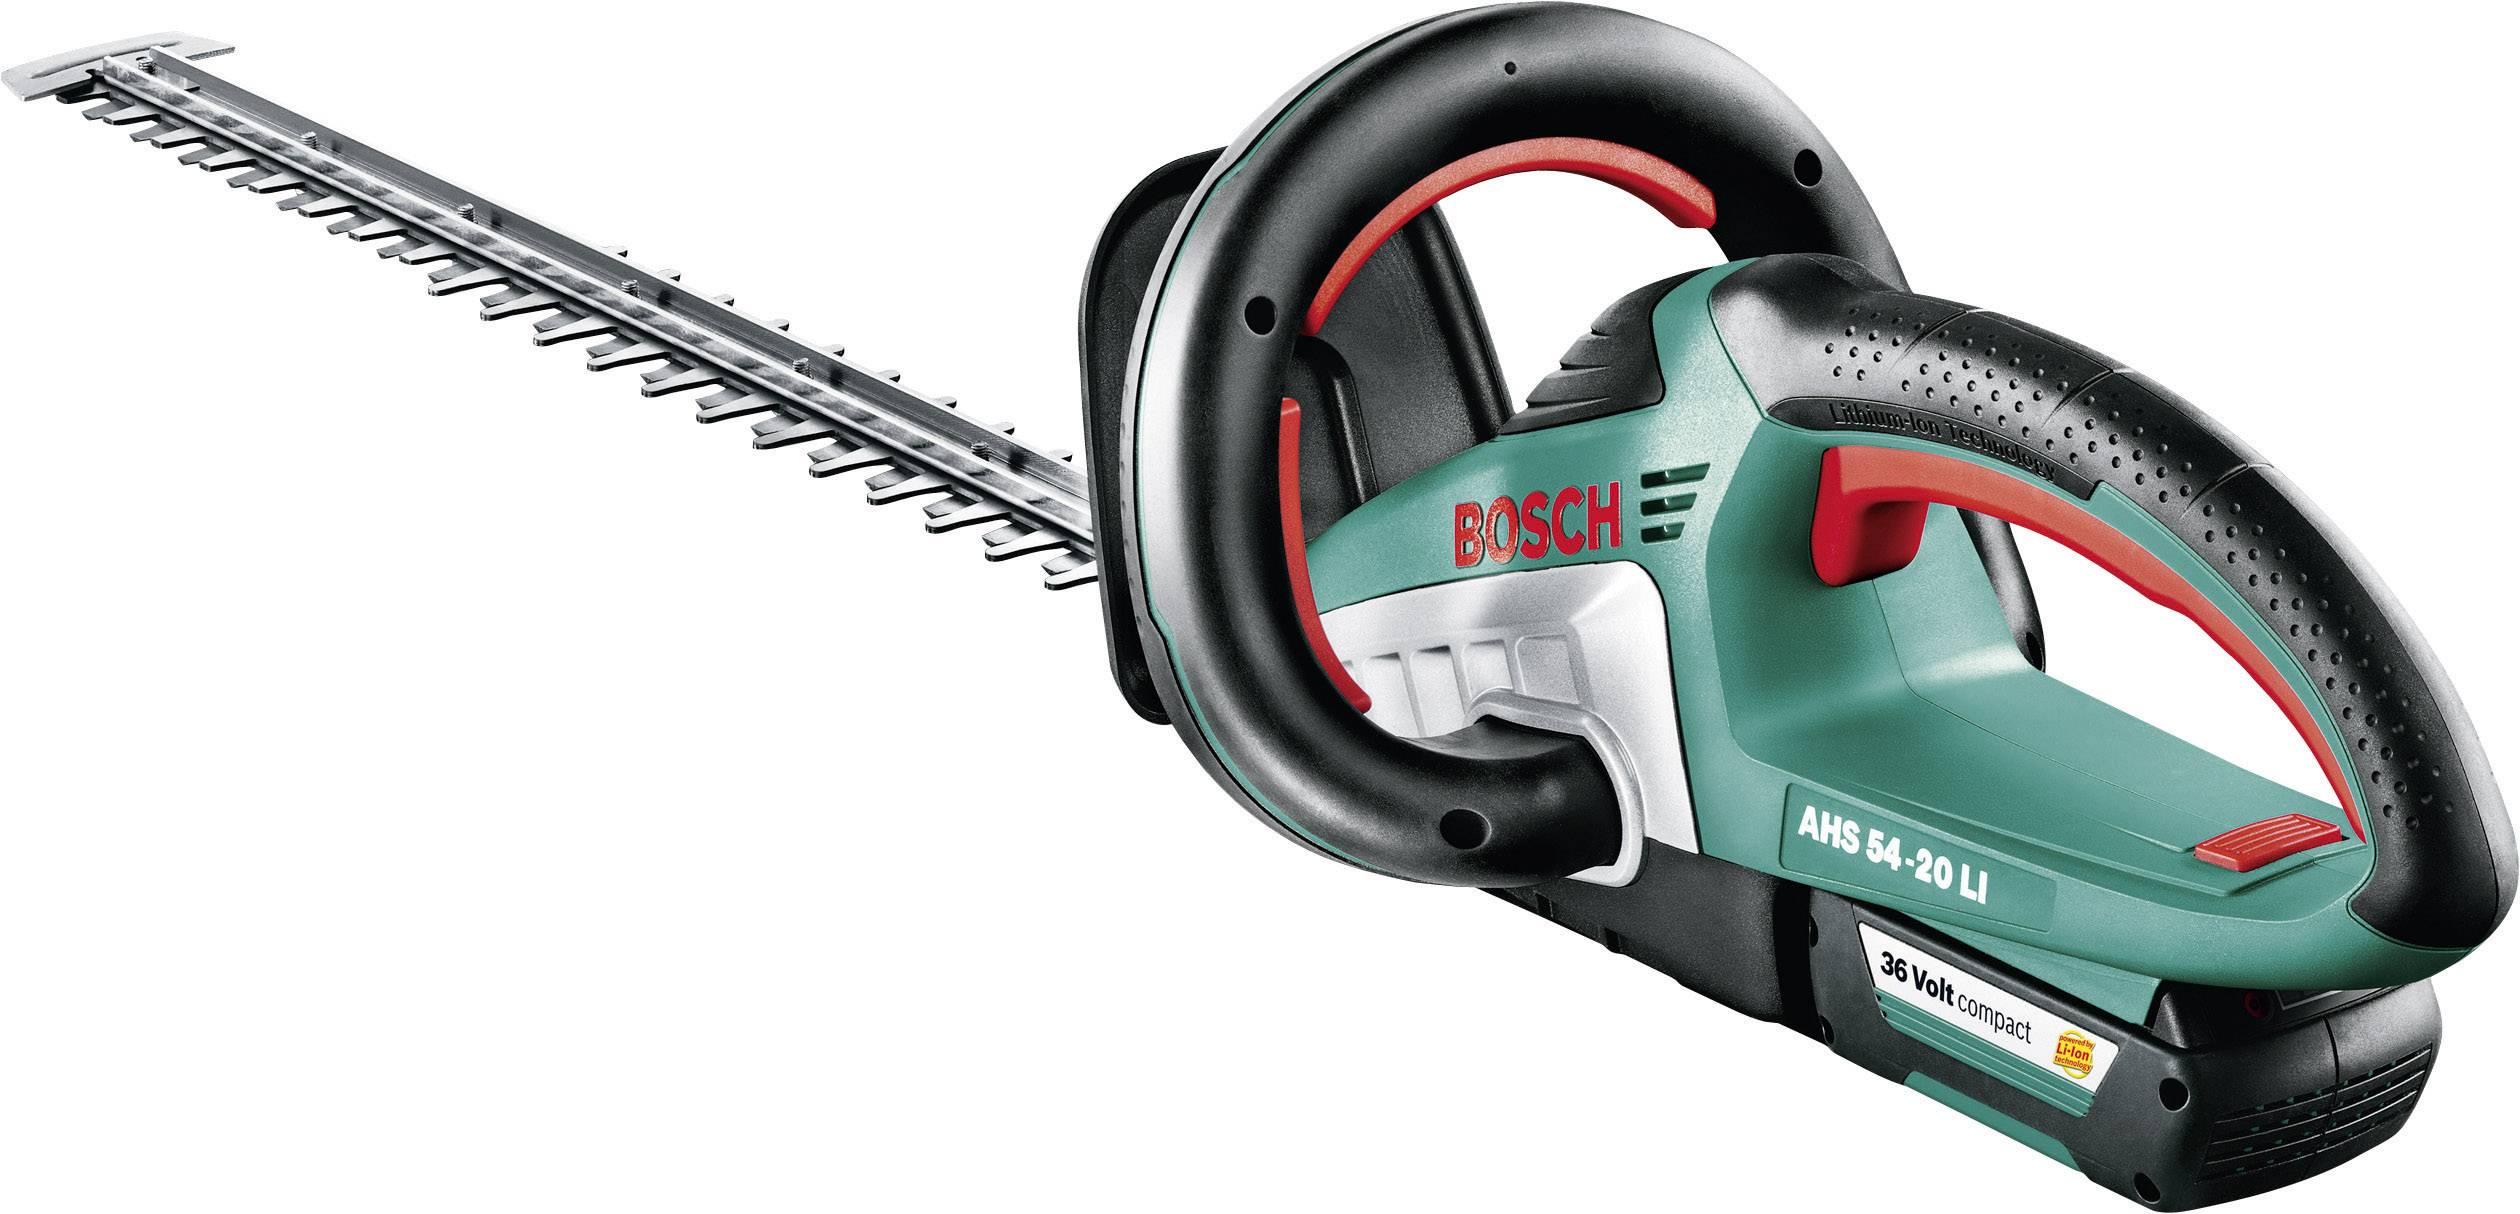 Záhradnícke nožnice Bosch Home and Garden AHS 54-20 LI 060084A100, Li-Ion akumulátor